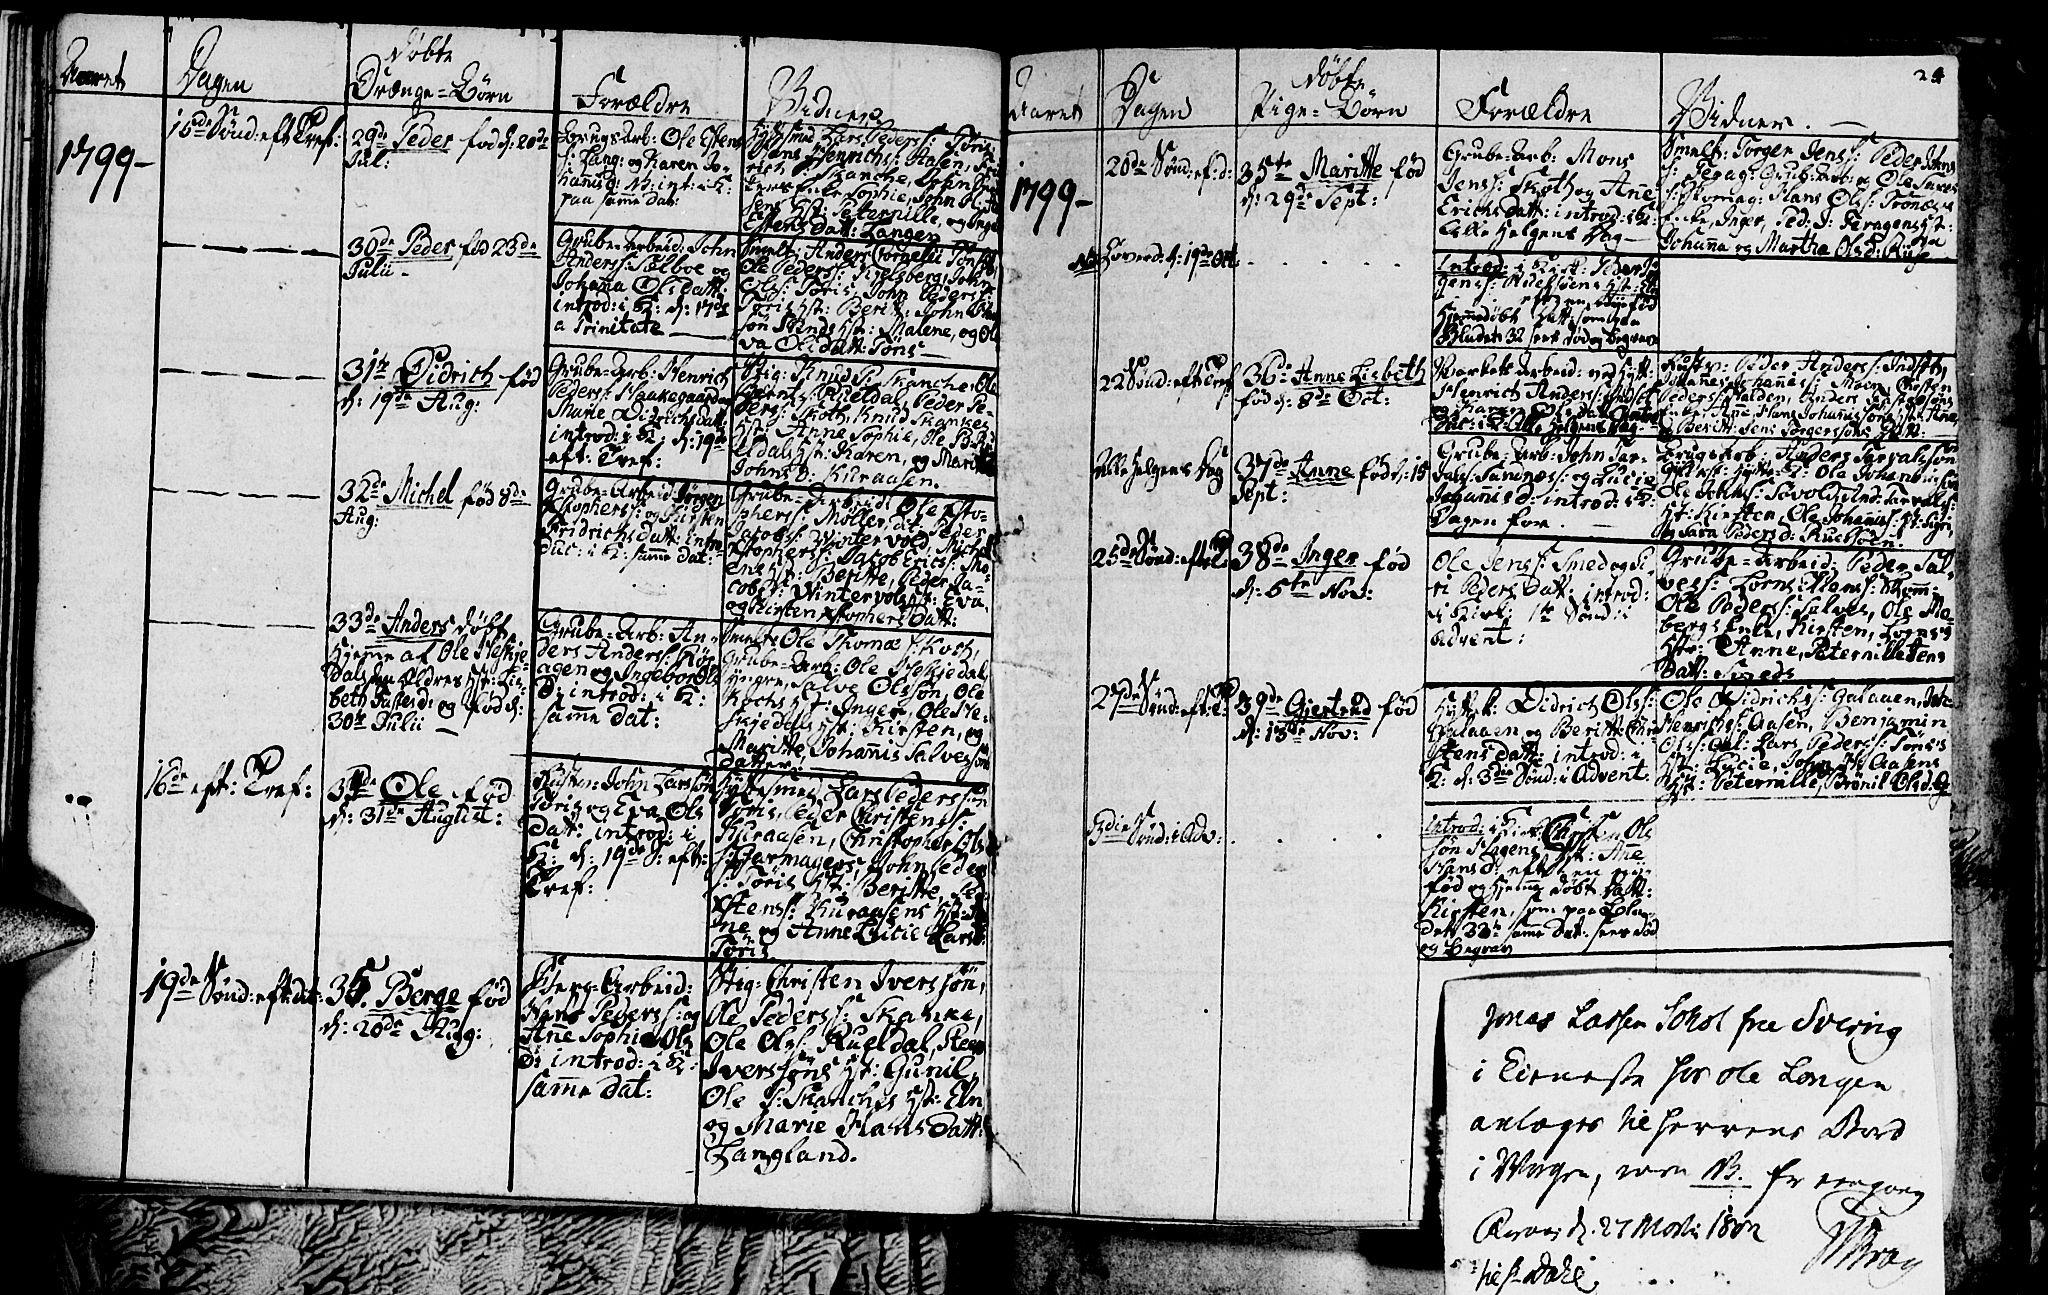 SAT, Ministerialprotokoller, klokkerbøker og fødselsregistre - Sør-Trøndelag, 681/L0937: Klokkerbok nr. 681C01, 1798-1810, s. 24